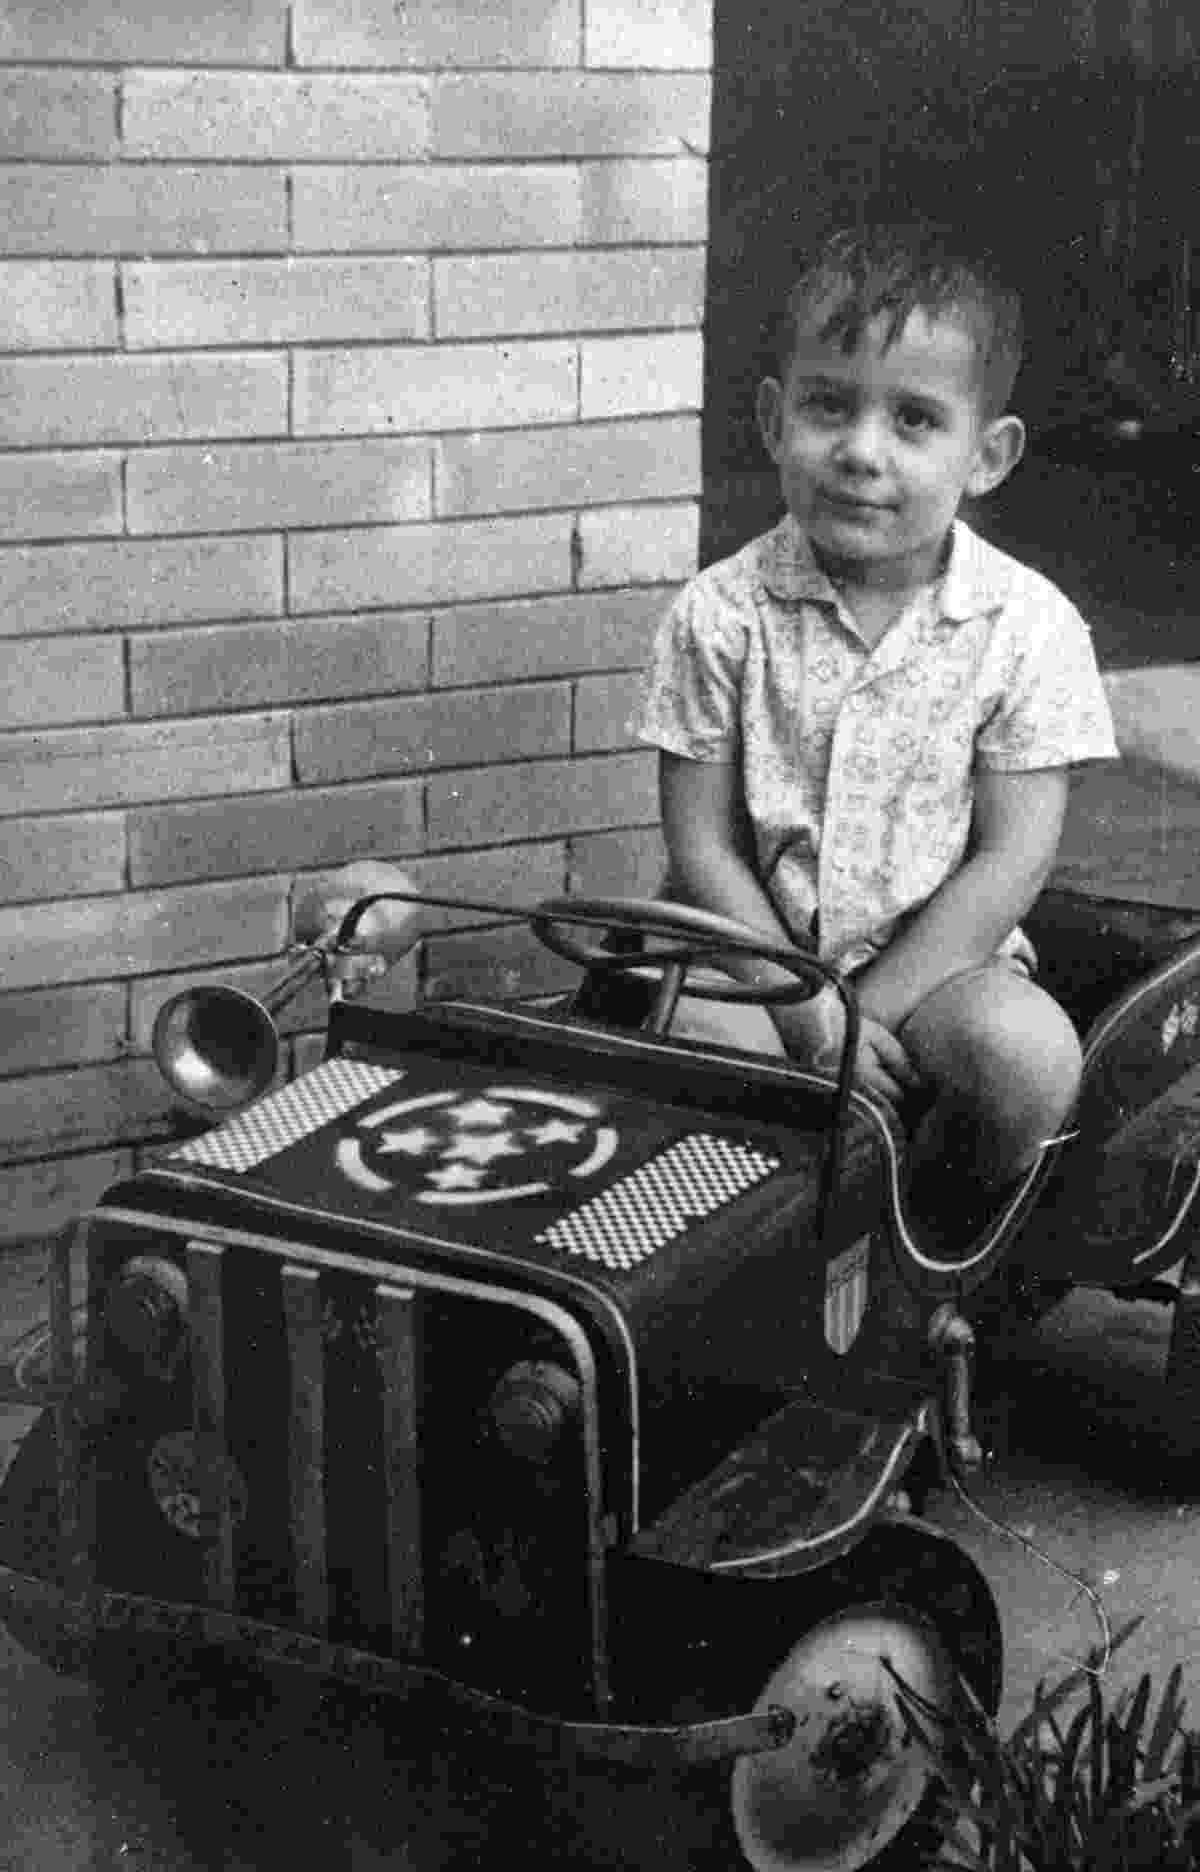 Aos oito anos, o jovem Ayrton Senna já mostra a predileção pelos carrinhos - Arquivo pessoal/Folhapress